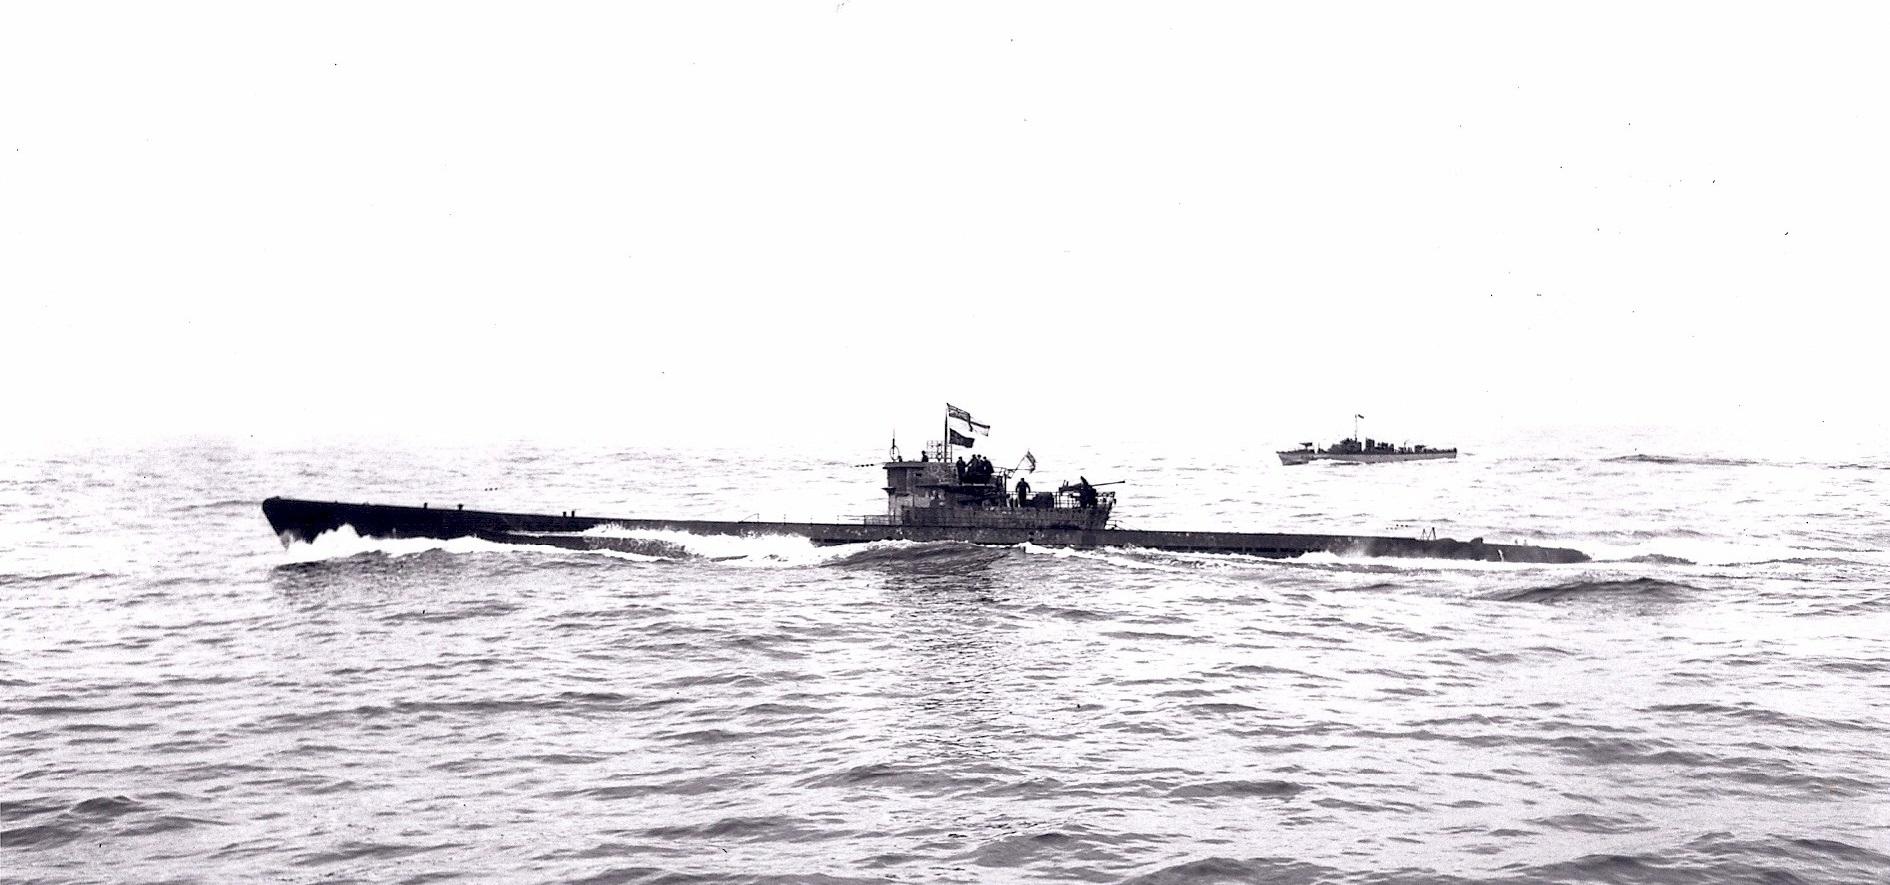 U-190 surrendered